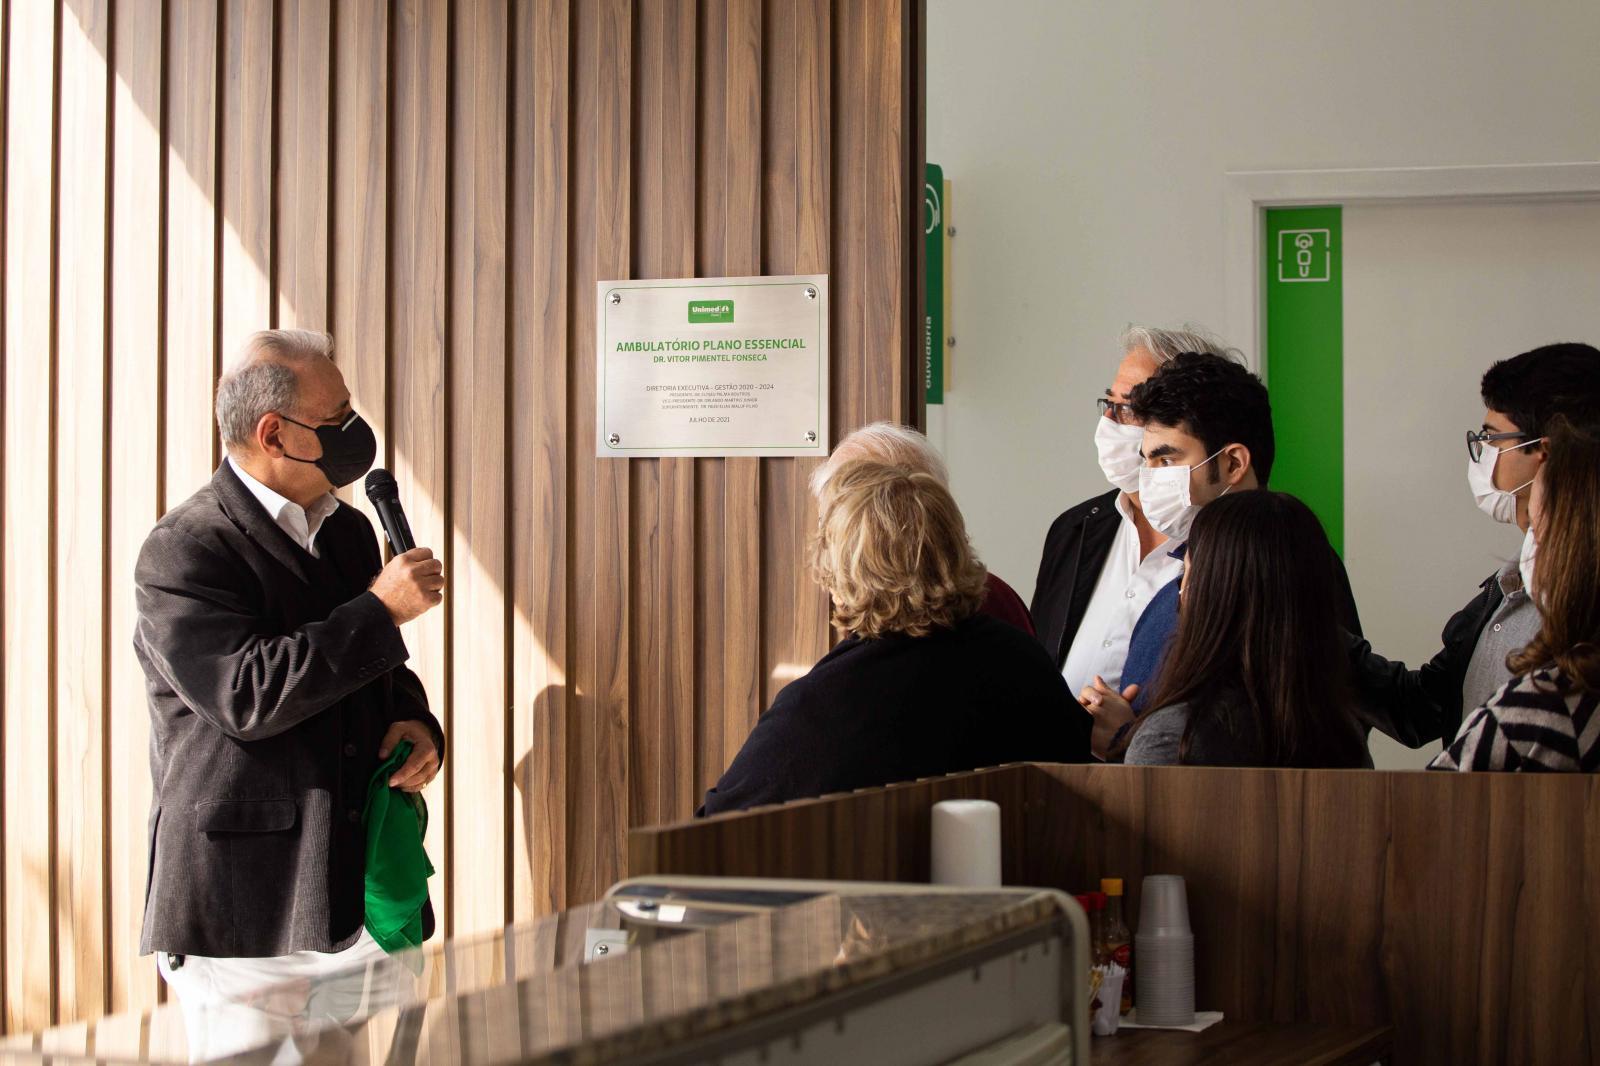 Unimed Assis inaugura Ambulatório do Plano Essencial